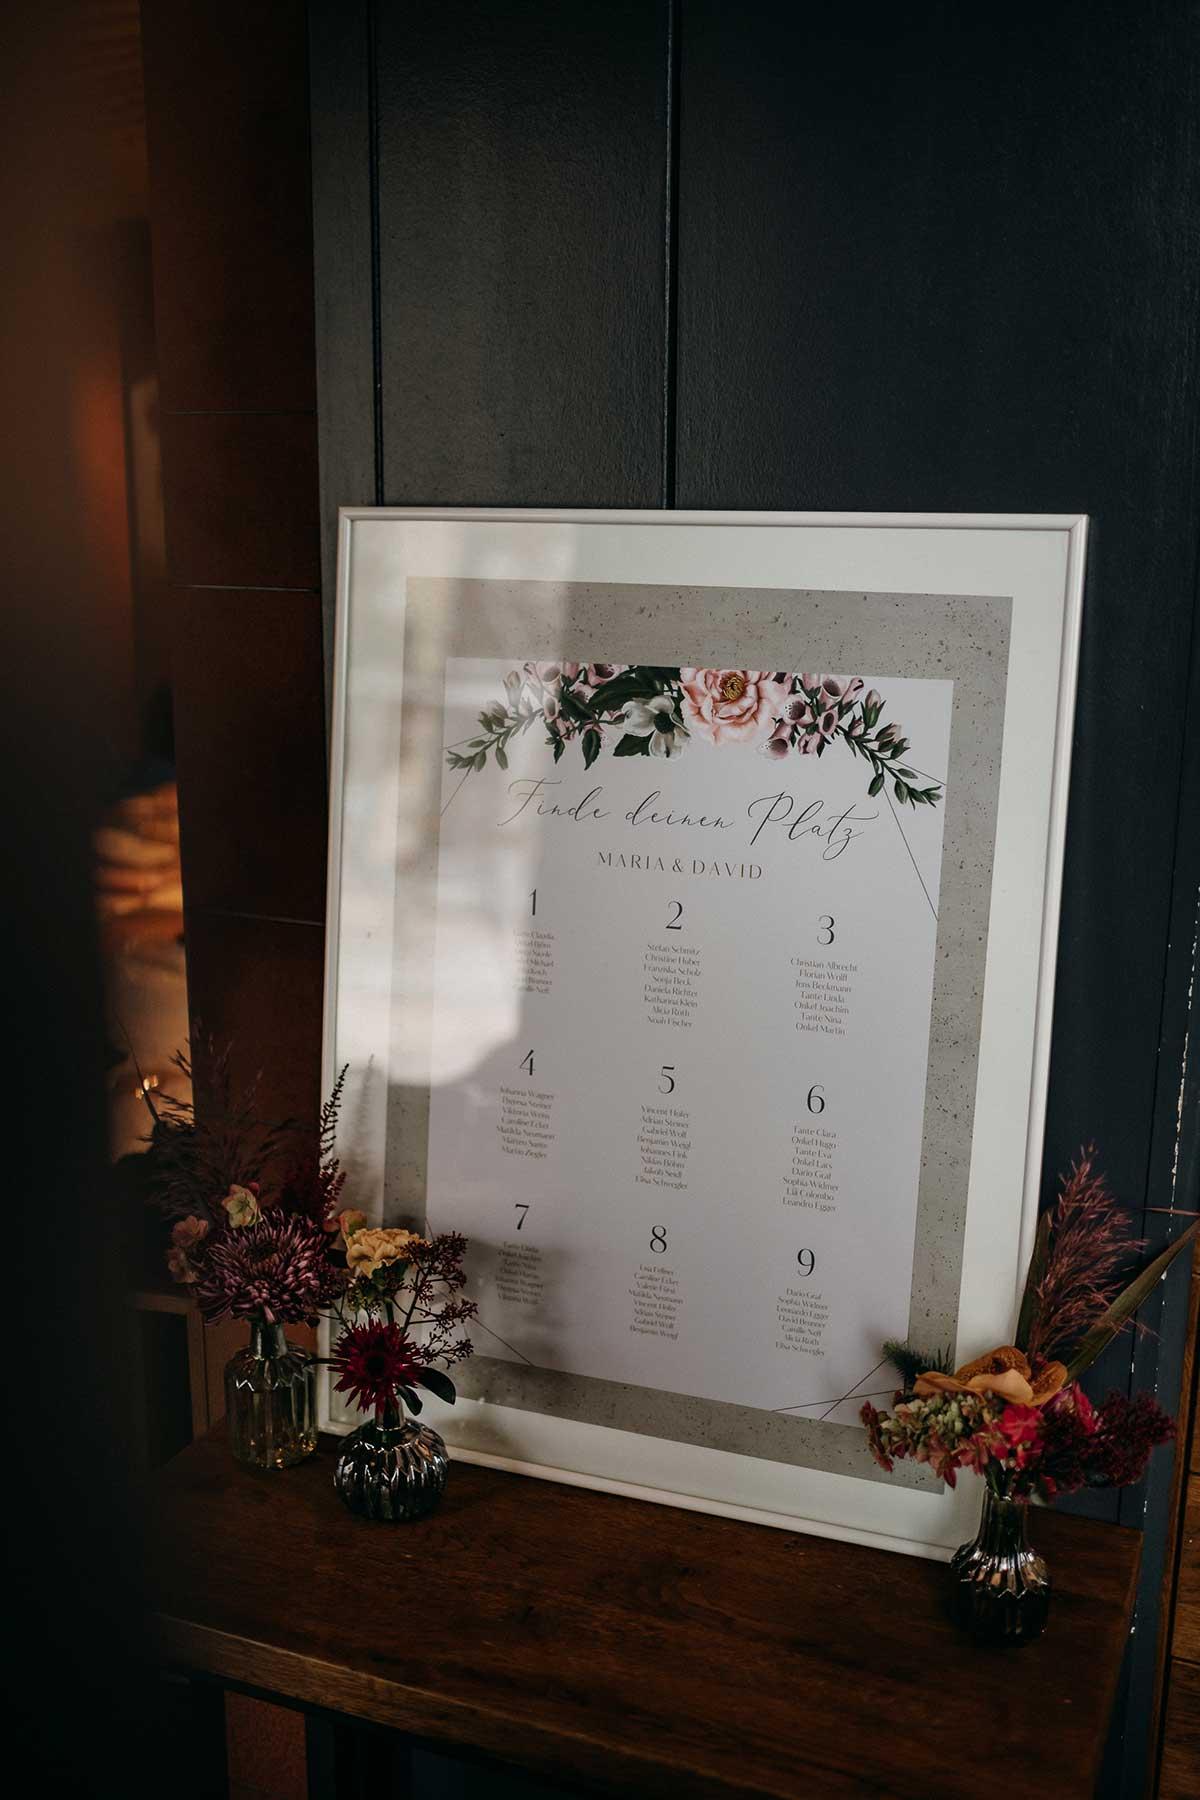 Tischplan der Hochzeit in einem Bilderrahmen